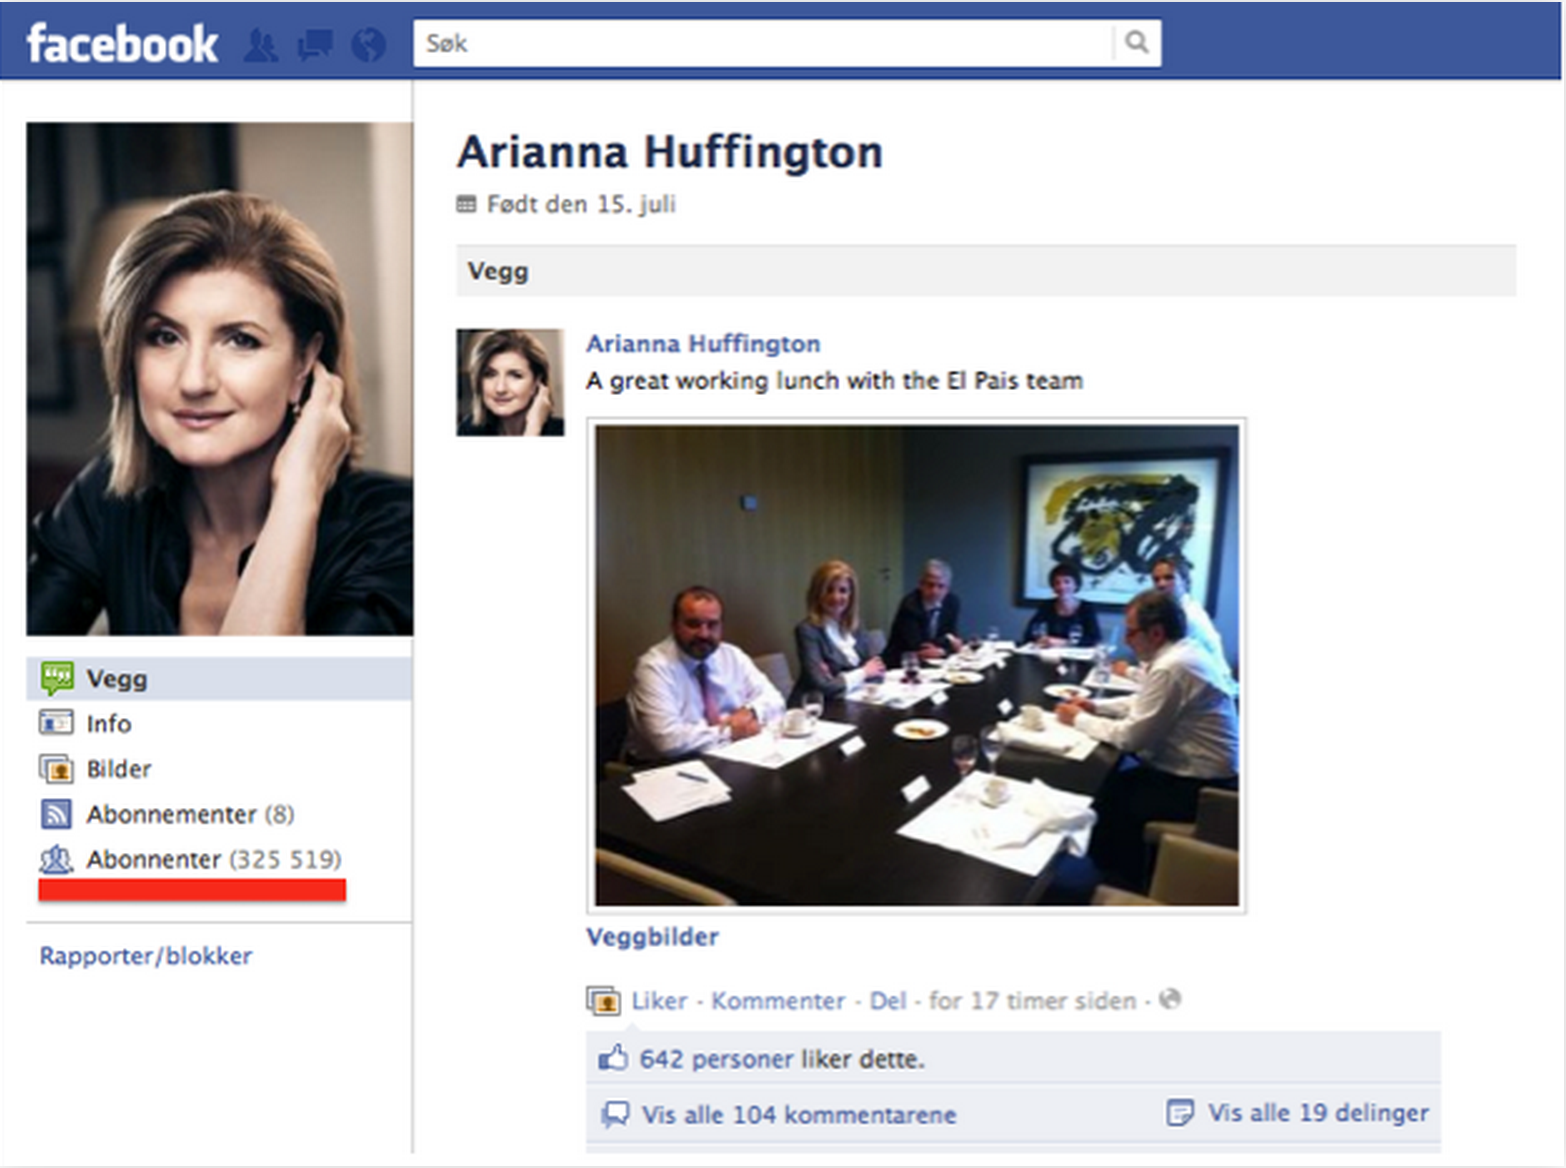 Arianna Huffington Facebook